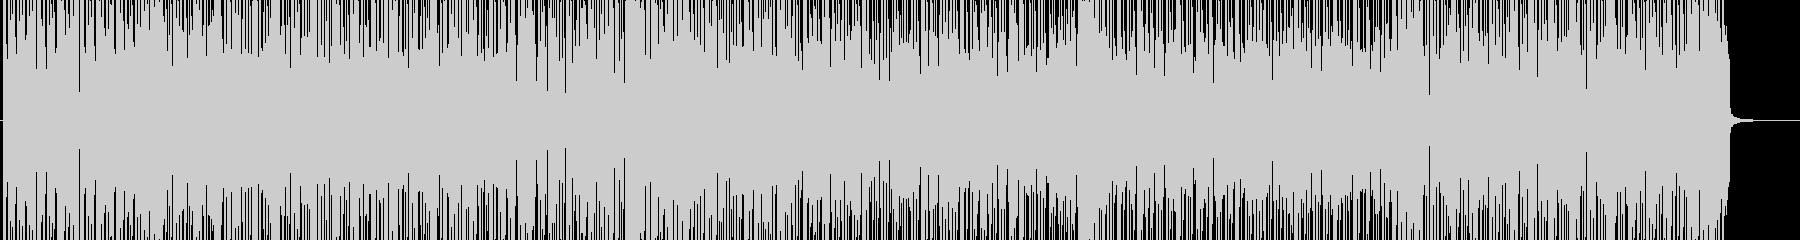 ディキシー陽気なパレードJazzBandの未再生の波形